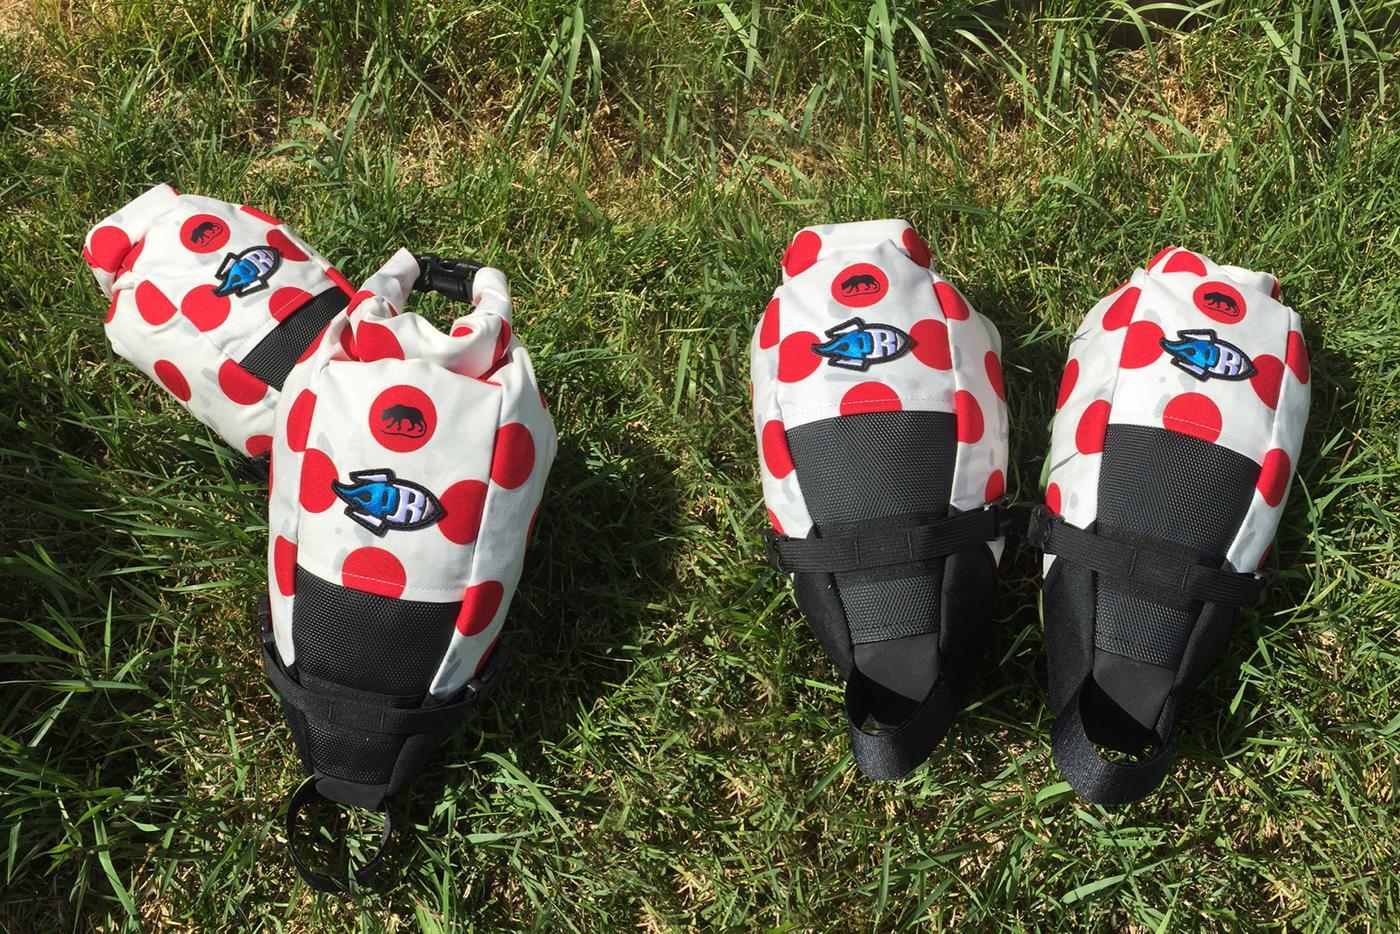 SOLD OUT:  Porcelain Rocket and the Radavist MultiKOM Charlene Seat Packs